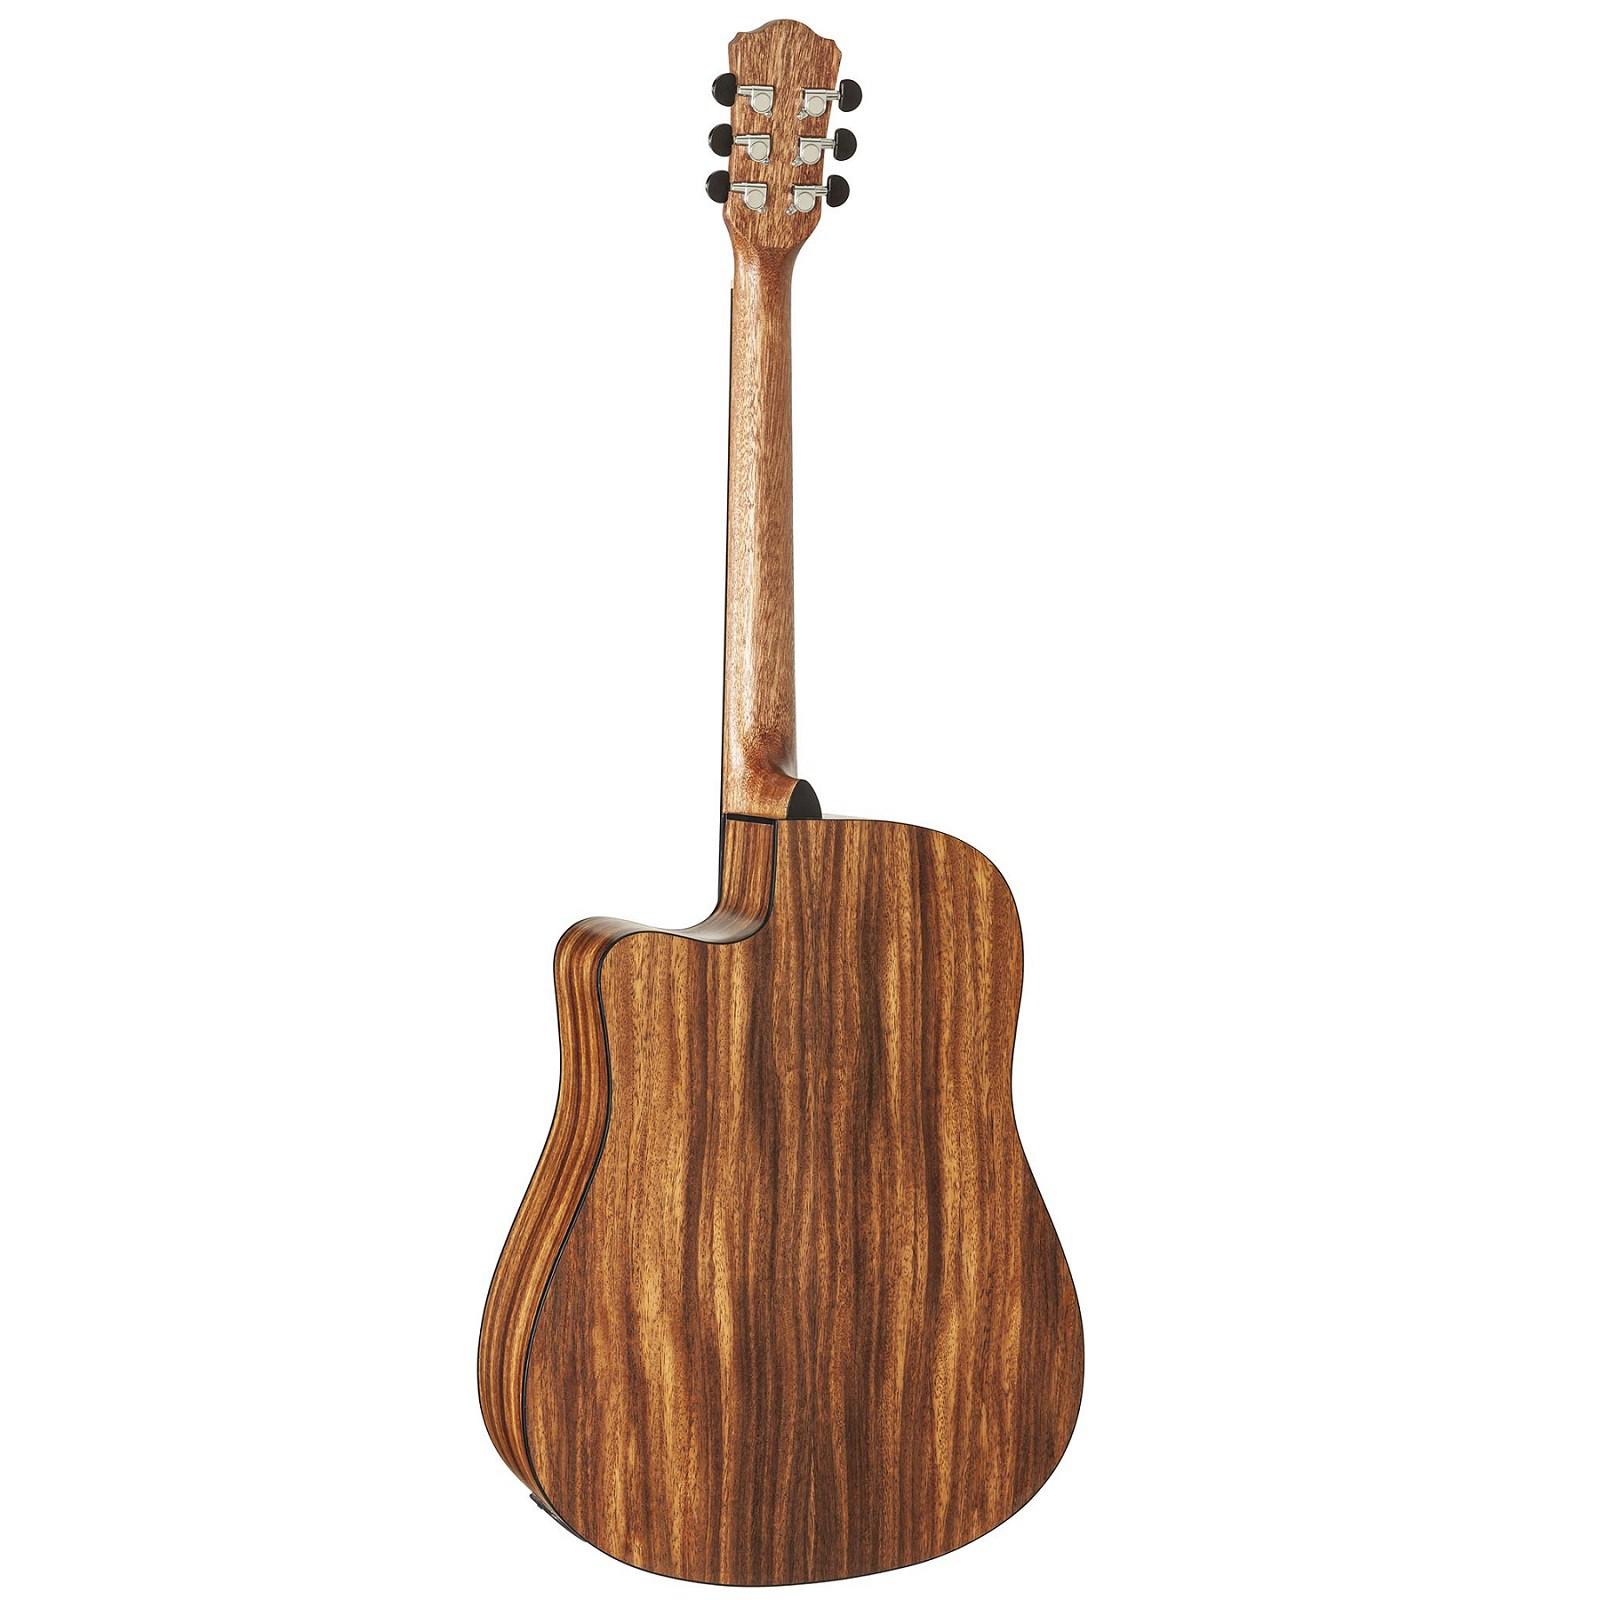 Violão Hofma Hmf280 Elétrico Folk Satin Natural